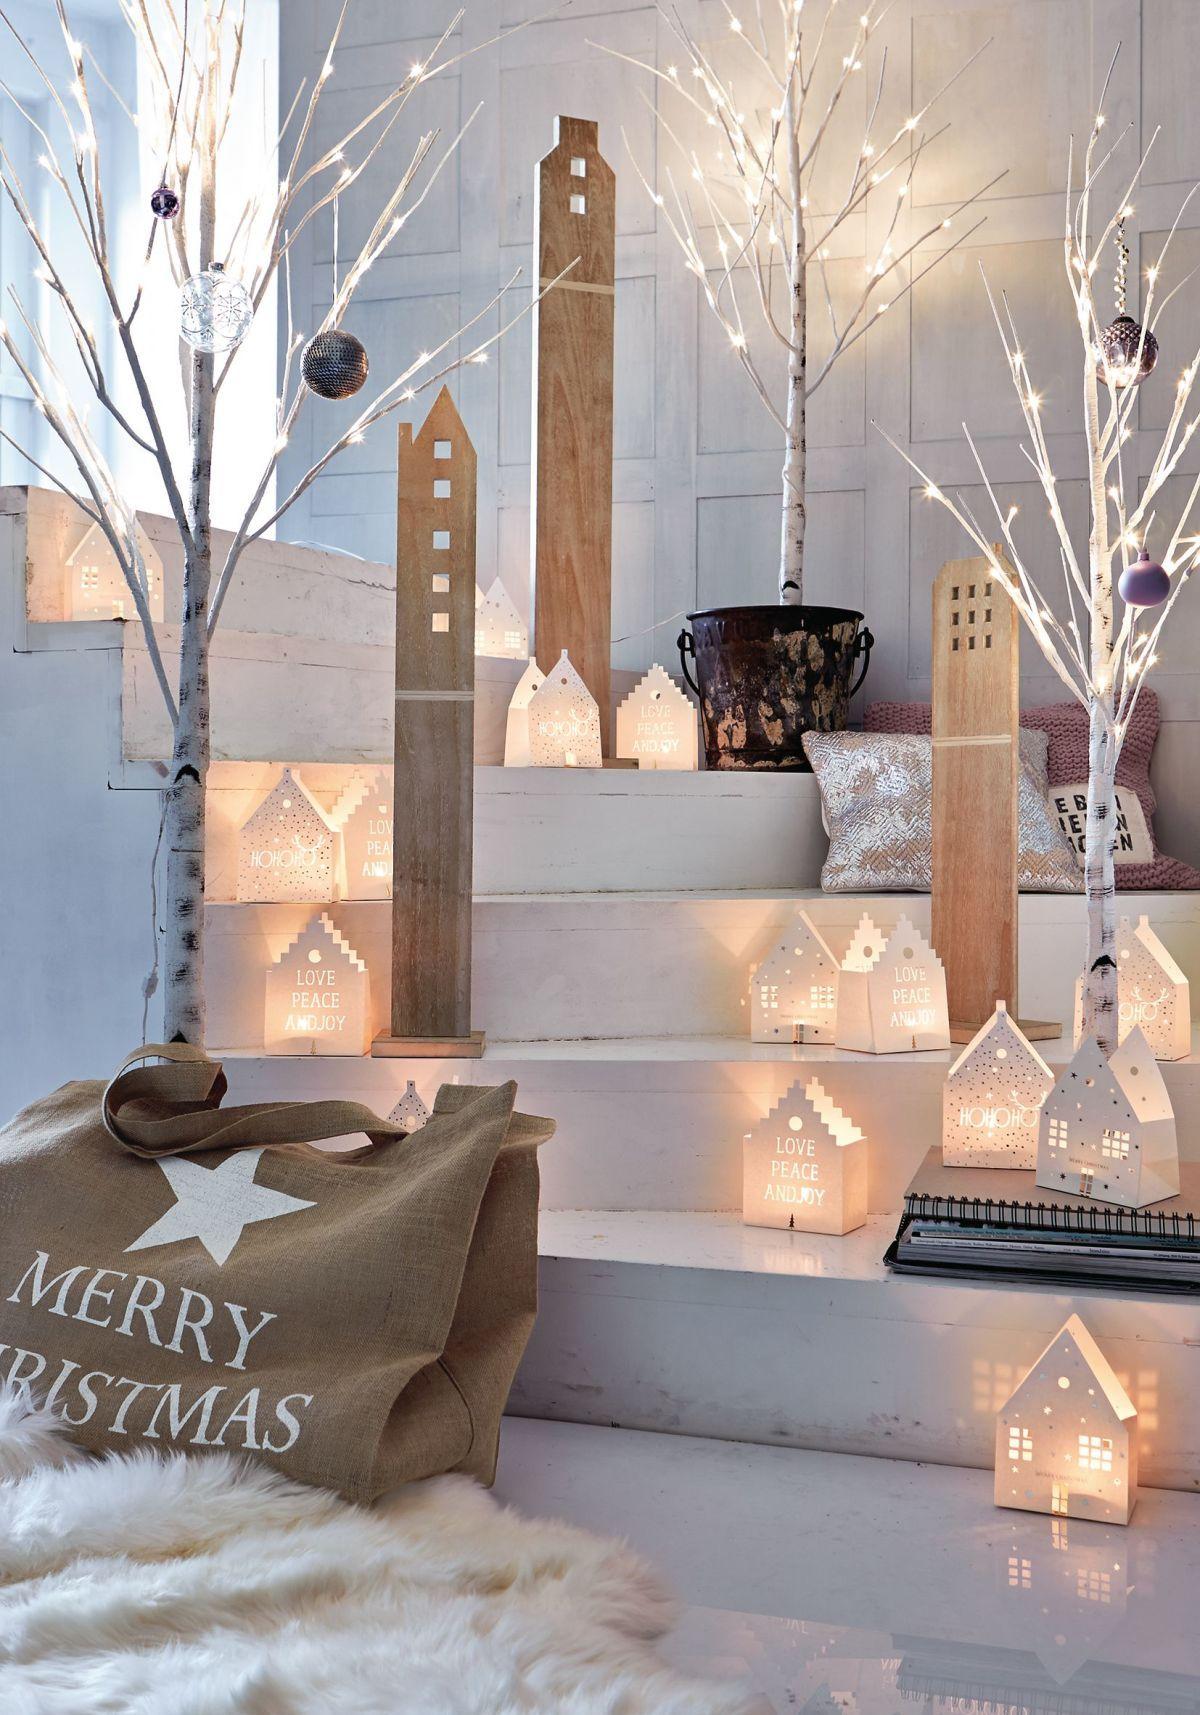 b5ae7278088419214e4ccf4083838ece Wunderschöne Weihnachtsdekoration Aussen Selber Machen Dekorationen